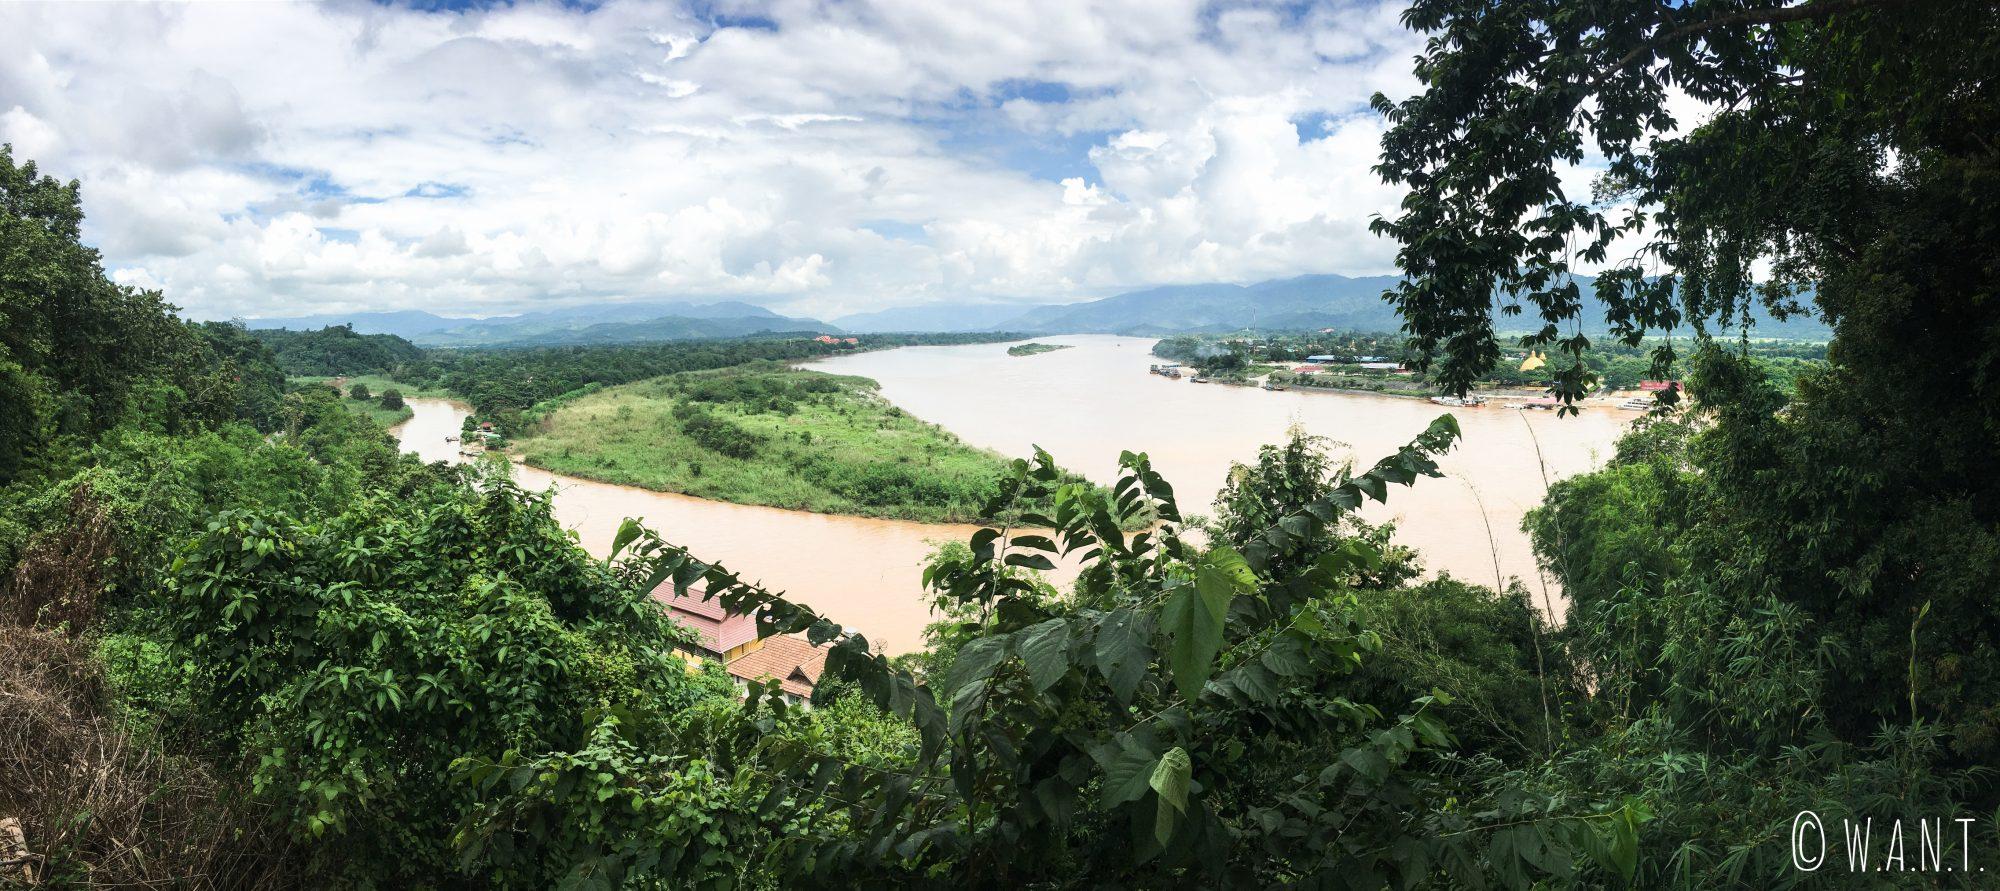 Panorama en hauteur du triangle d'or démarquant la Thaïlande, le Laos et le Myanmar